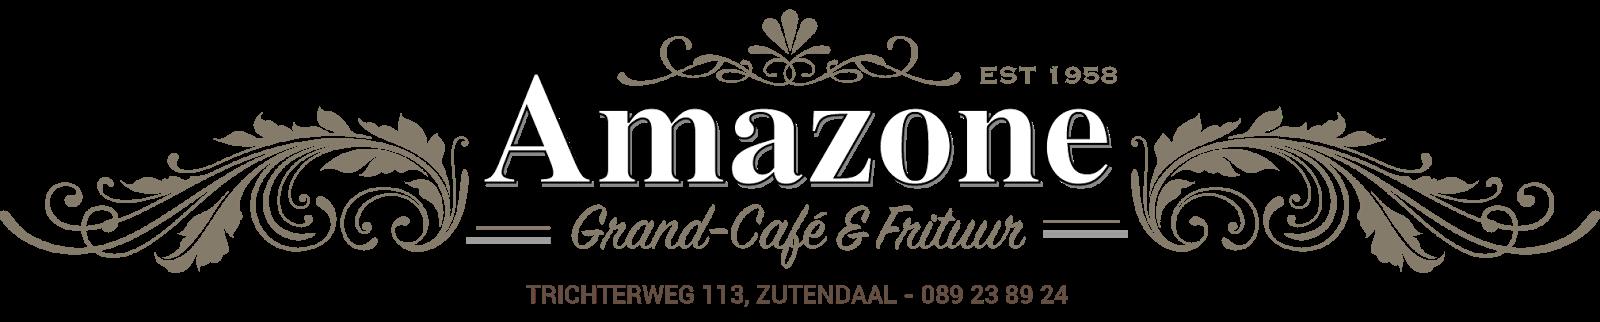 Grand-Café & Frituur Amazone